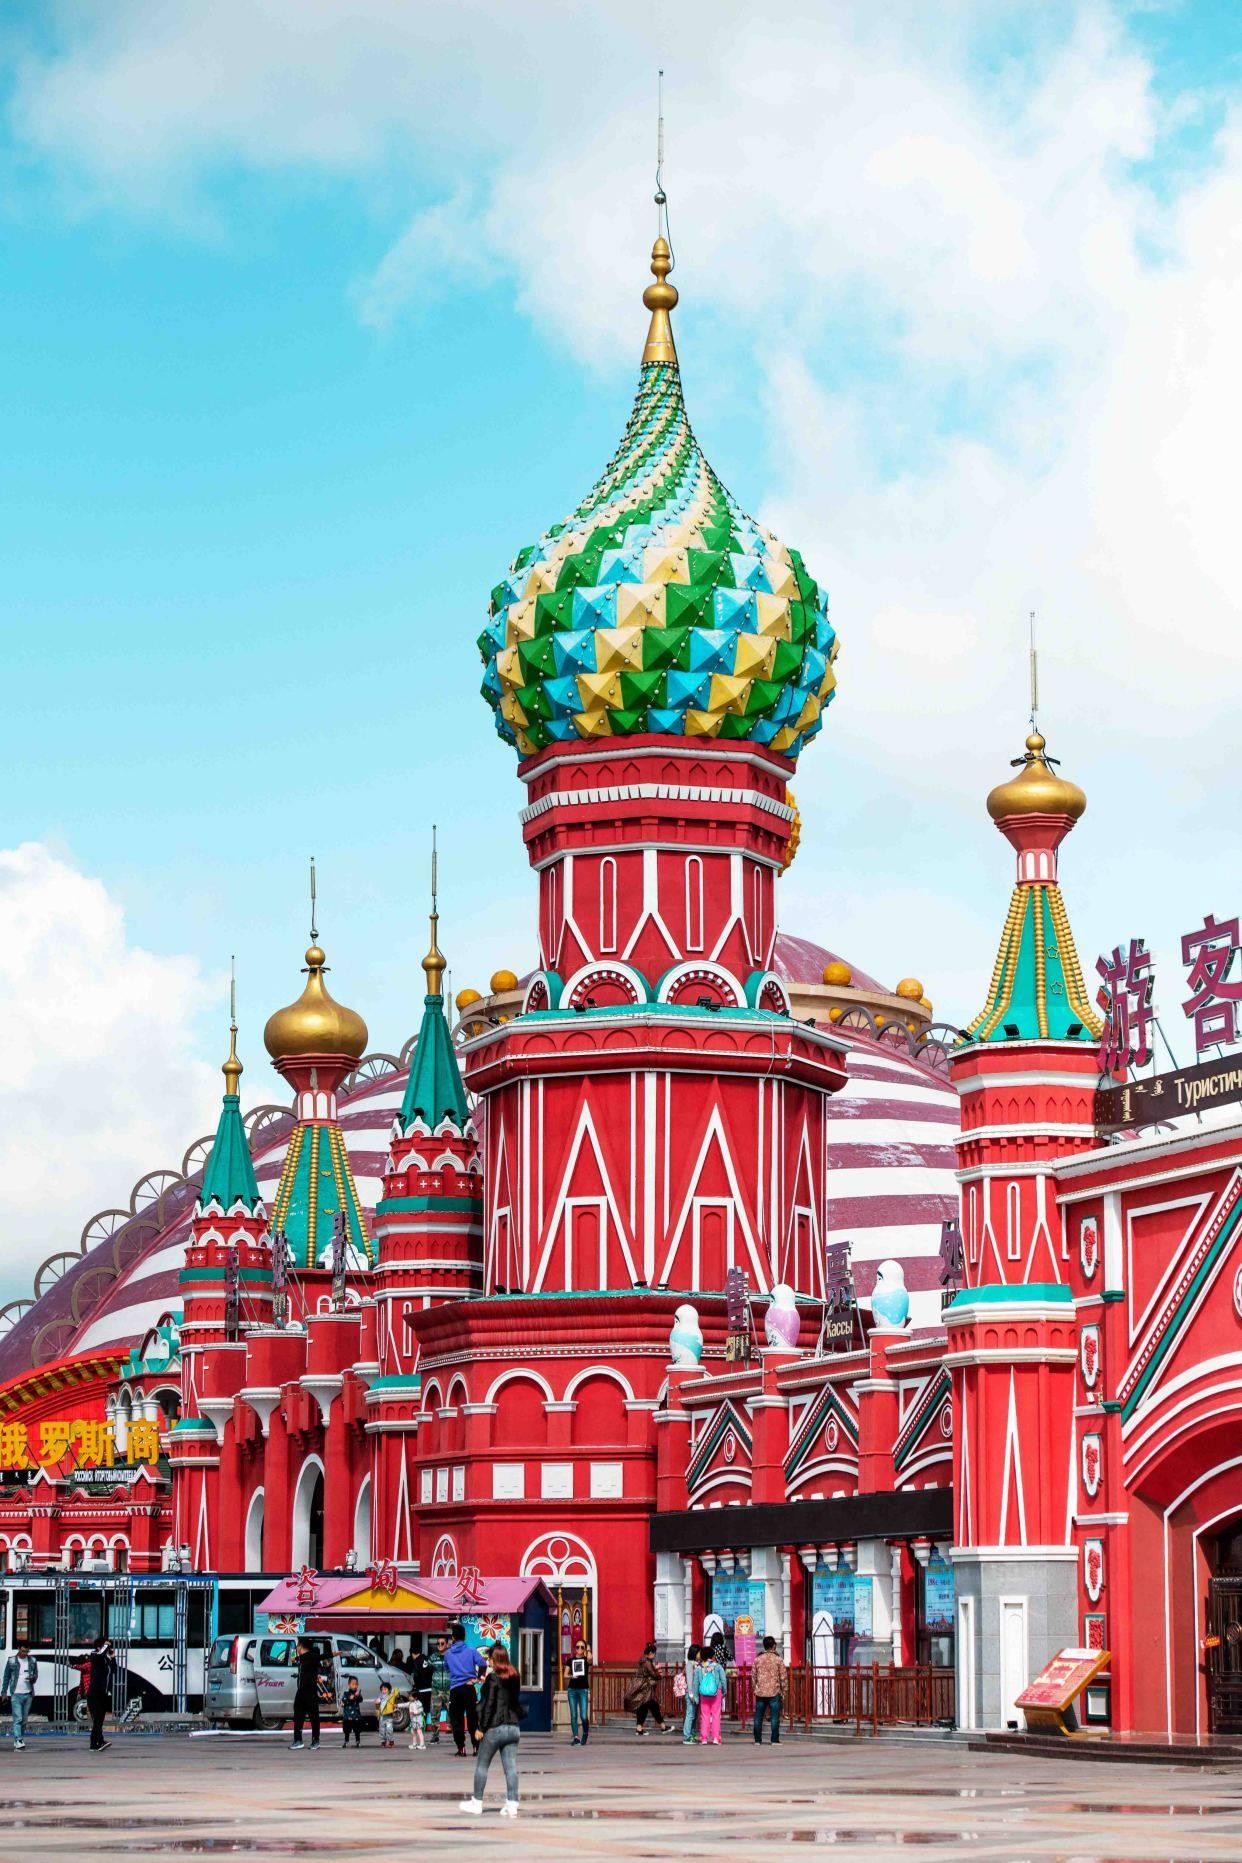 内蒙古满洲里藏了个套娃广场,被列入世界吉尼斯纪录,你想去玩吗